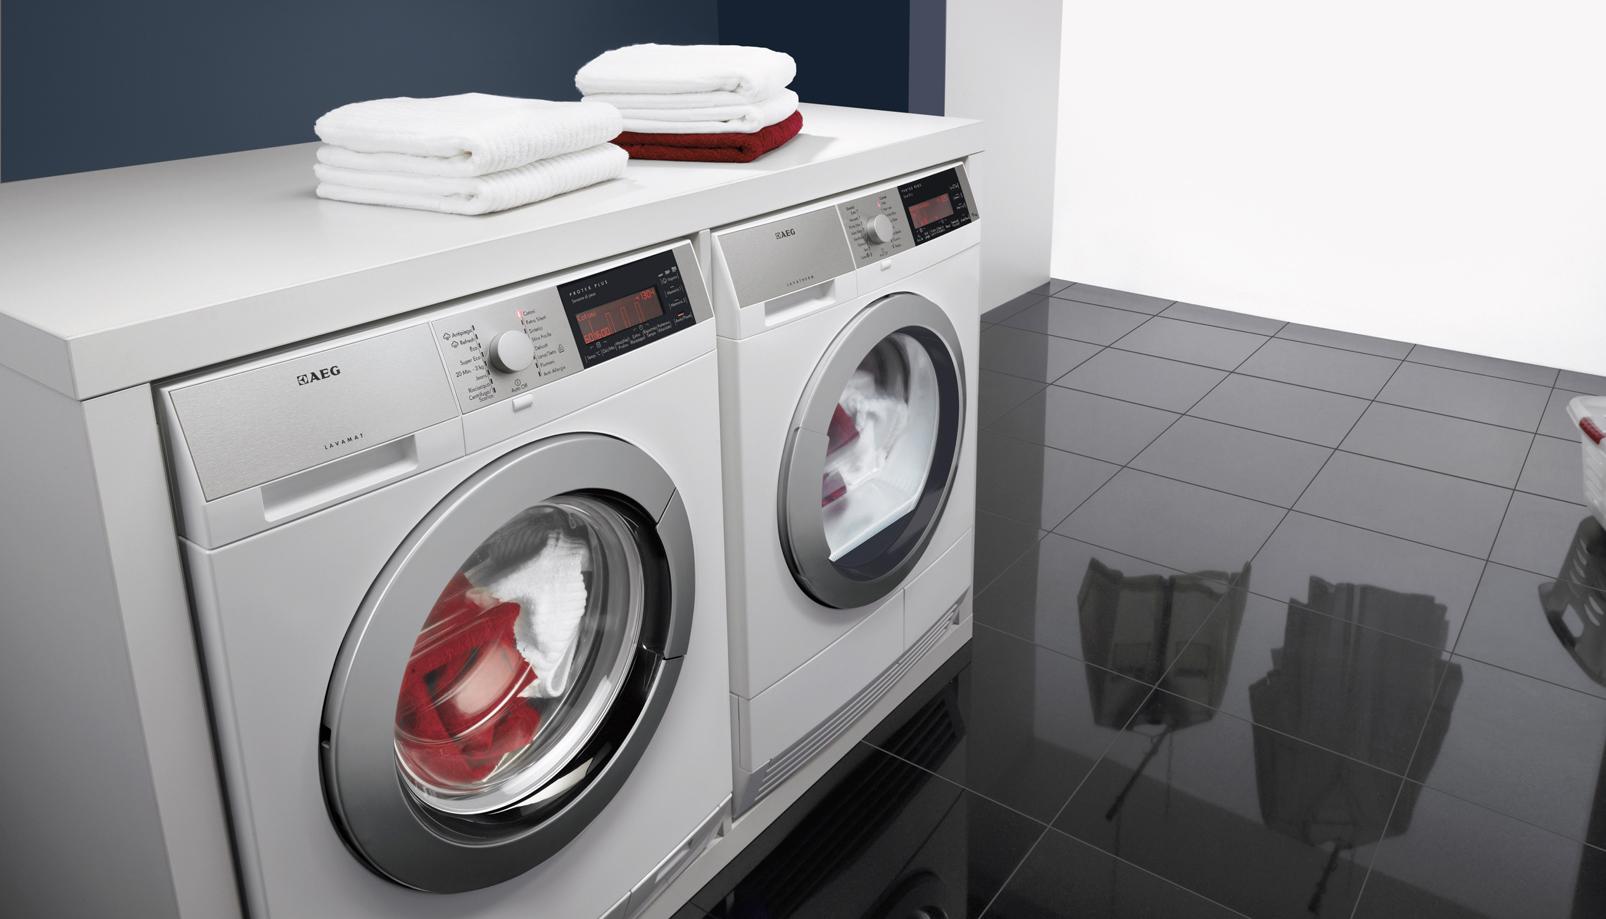 Lavatrice Ed Asciugatrice Sovrapposte asciugatrice sopra lavatrice - tutte le offerte : cascare a